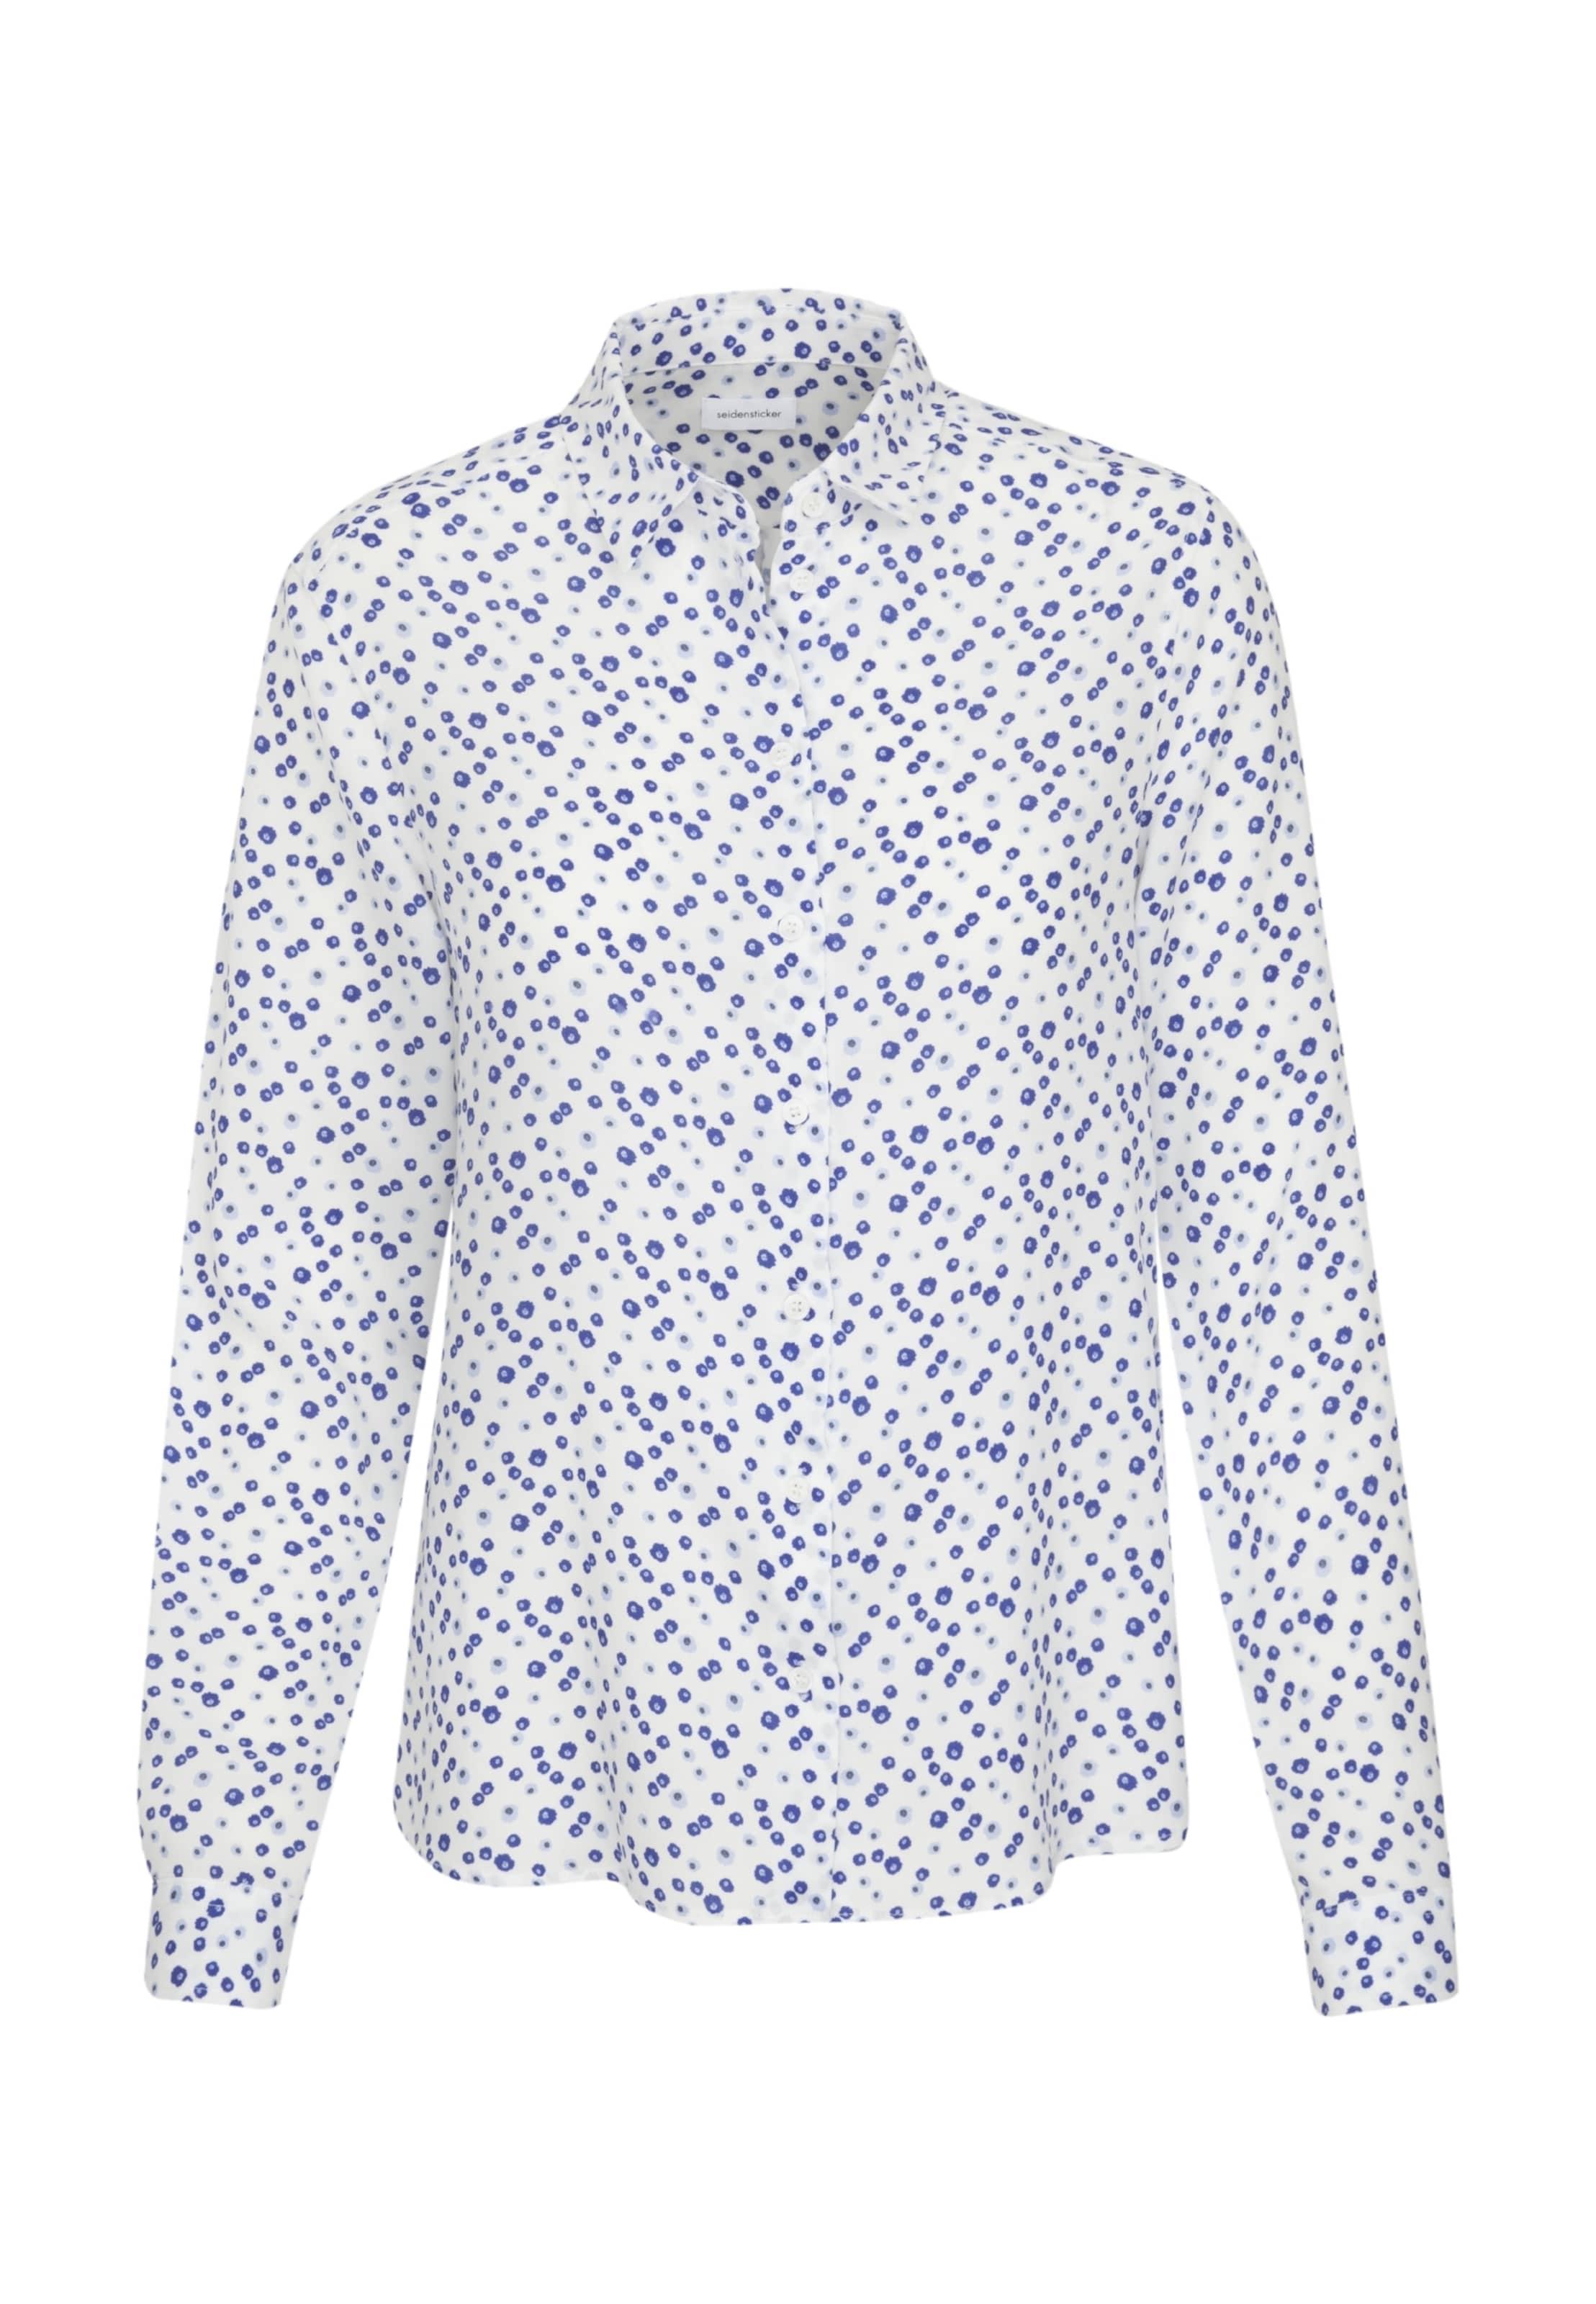 In 'schwarze Seidensticker Weiß Hemdbluse BlauHellblau Rose' 0ywPmNvnO8